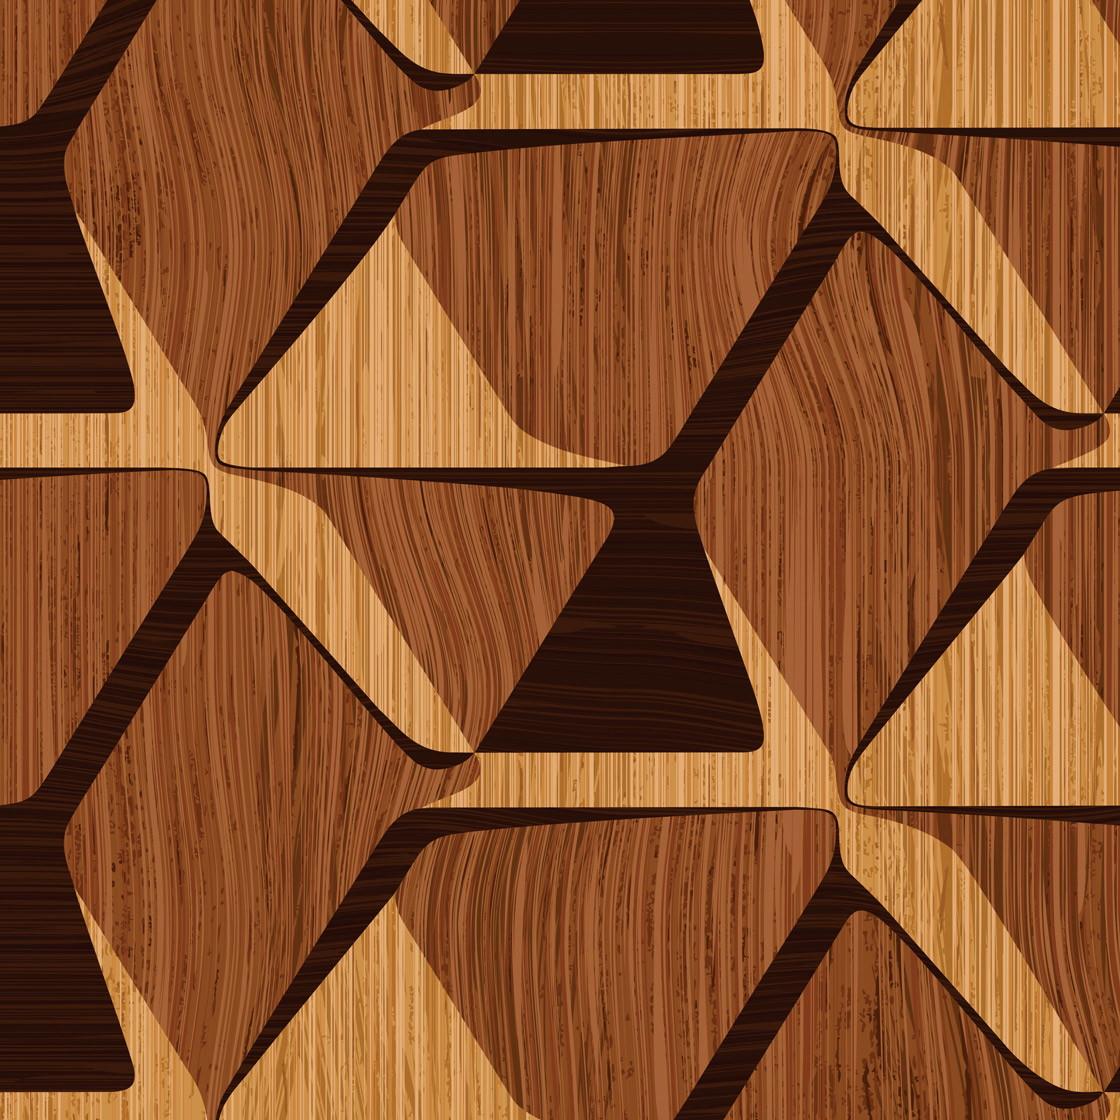 Papel De Parede Madeira Mosaico 38 No Elo7 Decoraplus 968caf  -> Papel De Parede Para Sala Amadeirado